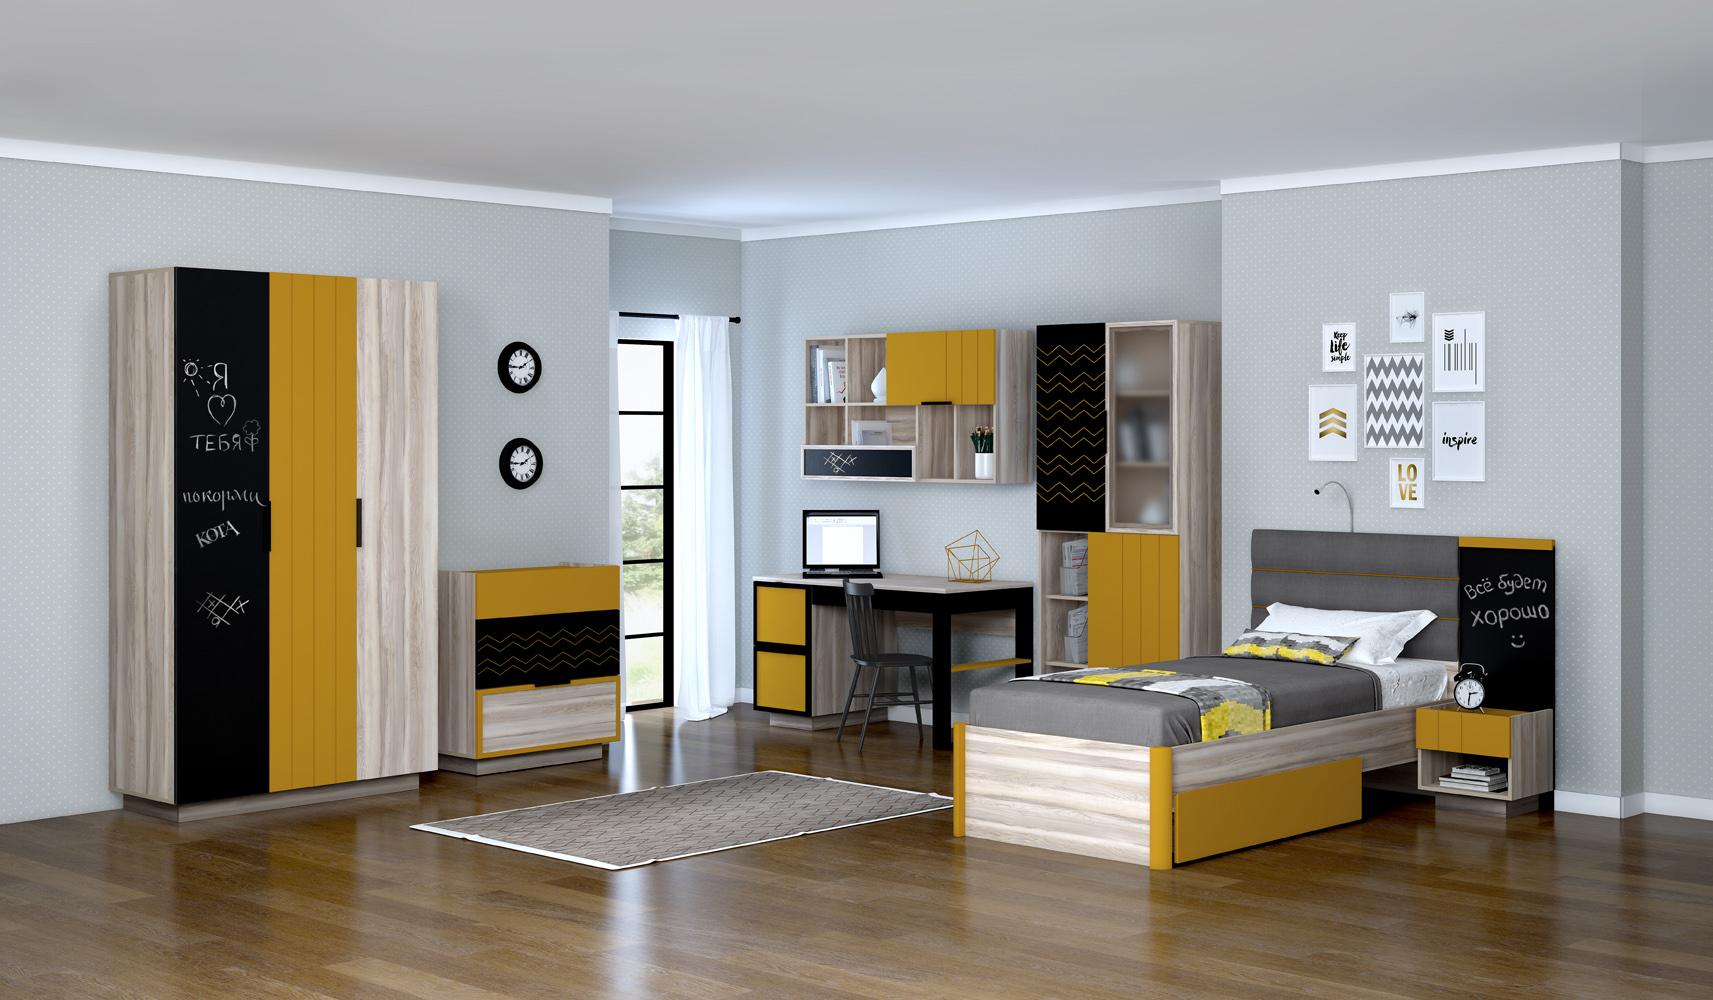 Купить мебель в интернетмагазине Яна  Продажа мебели от